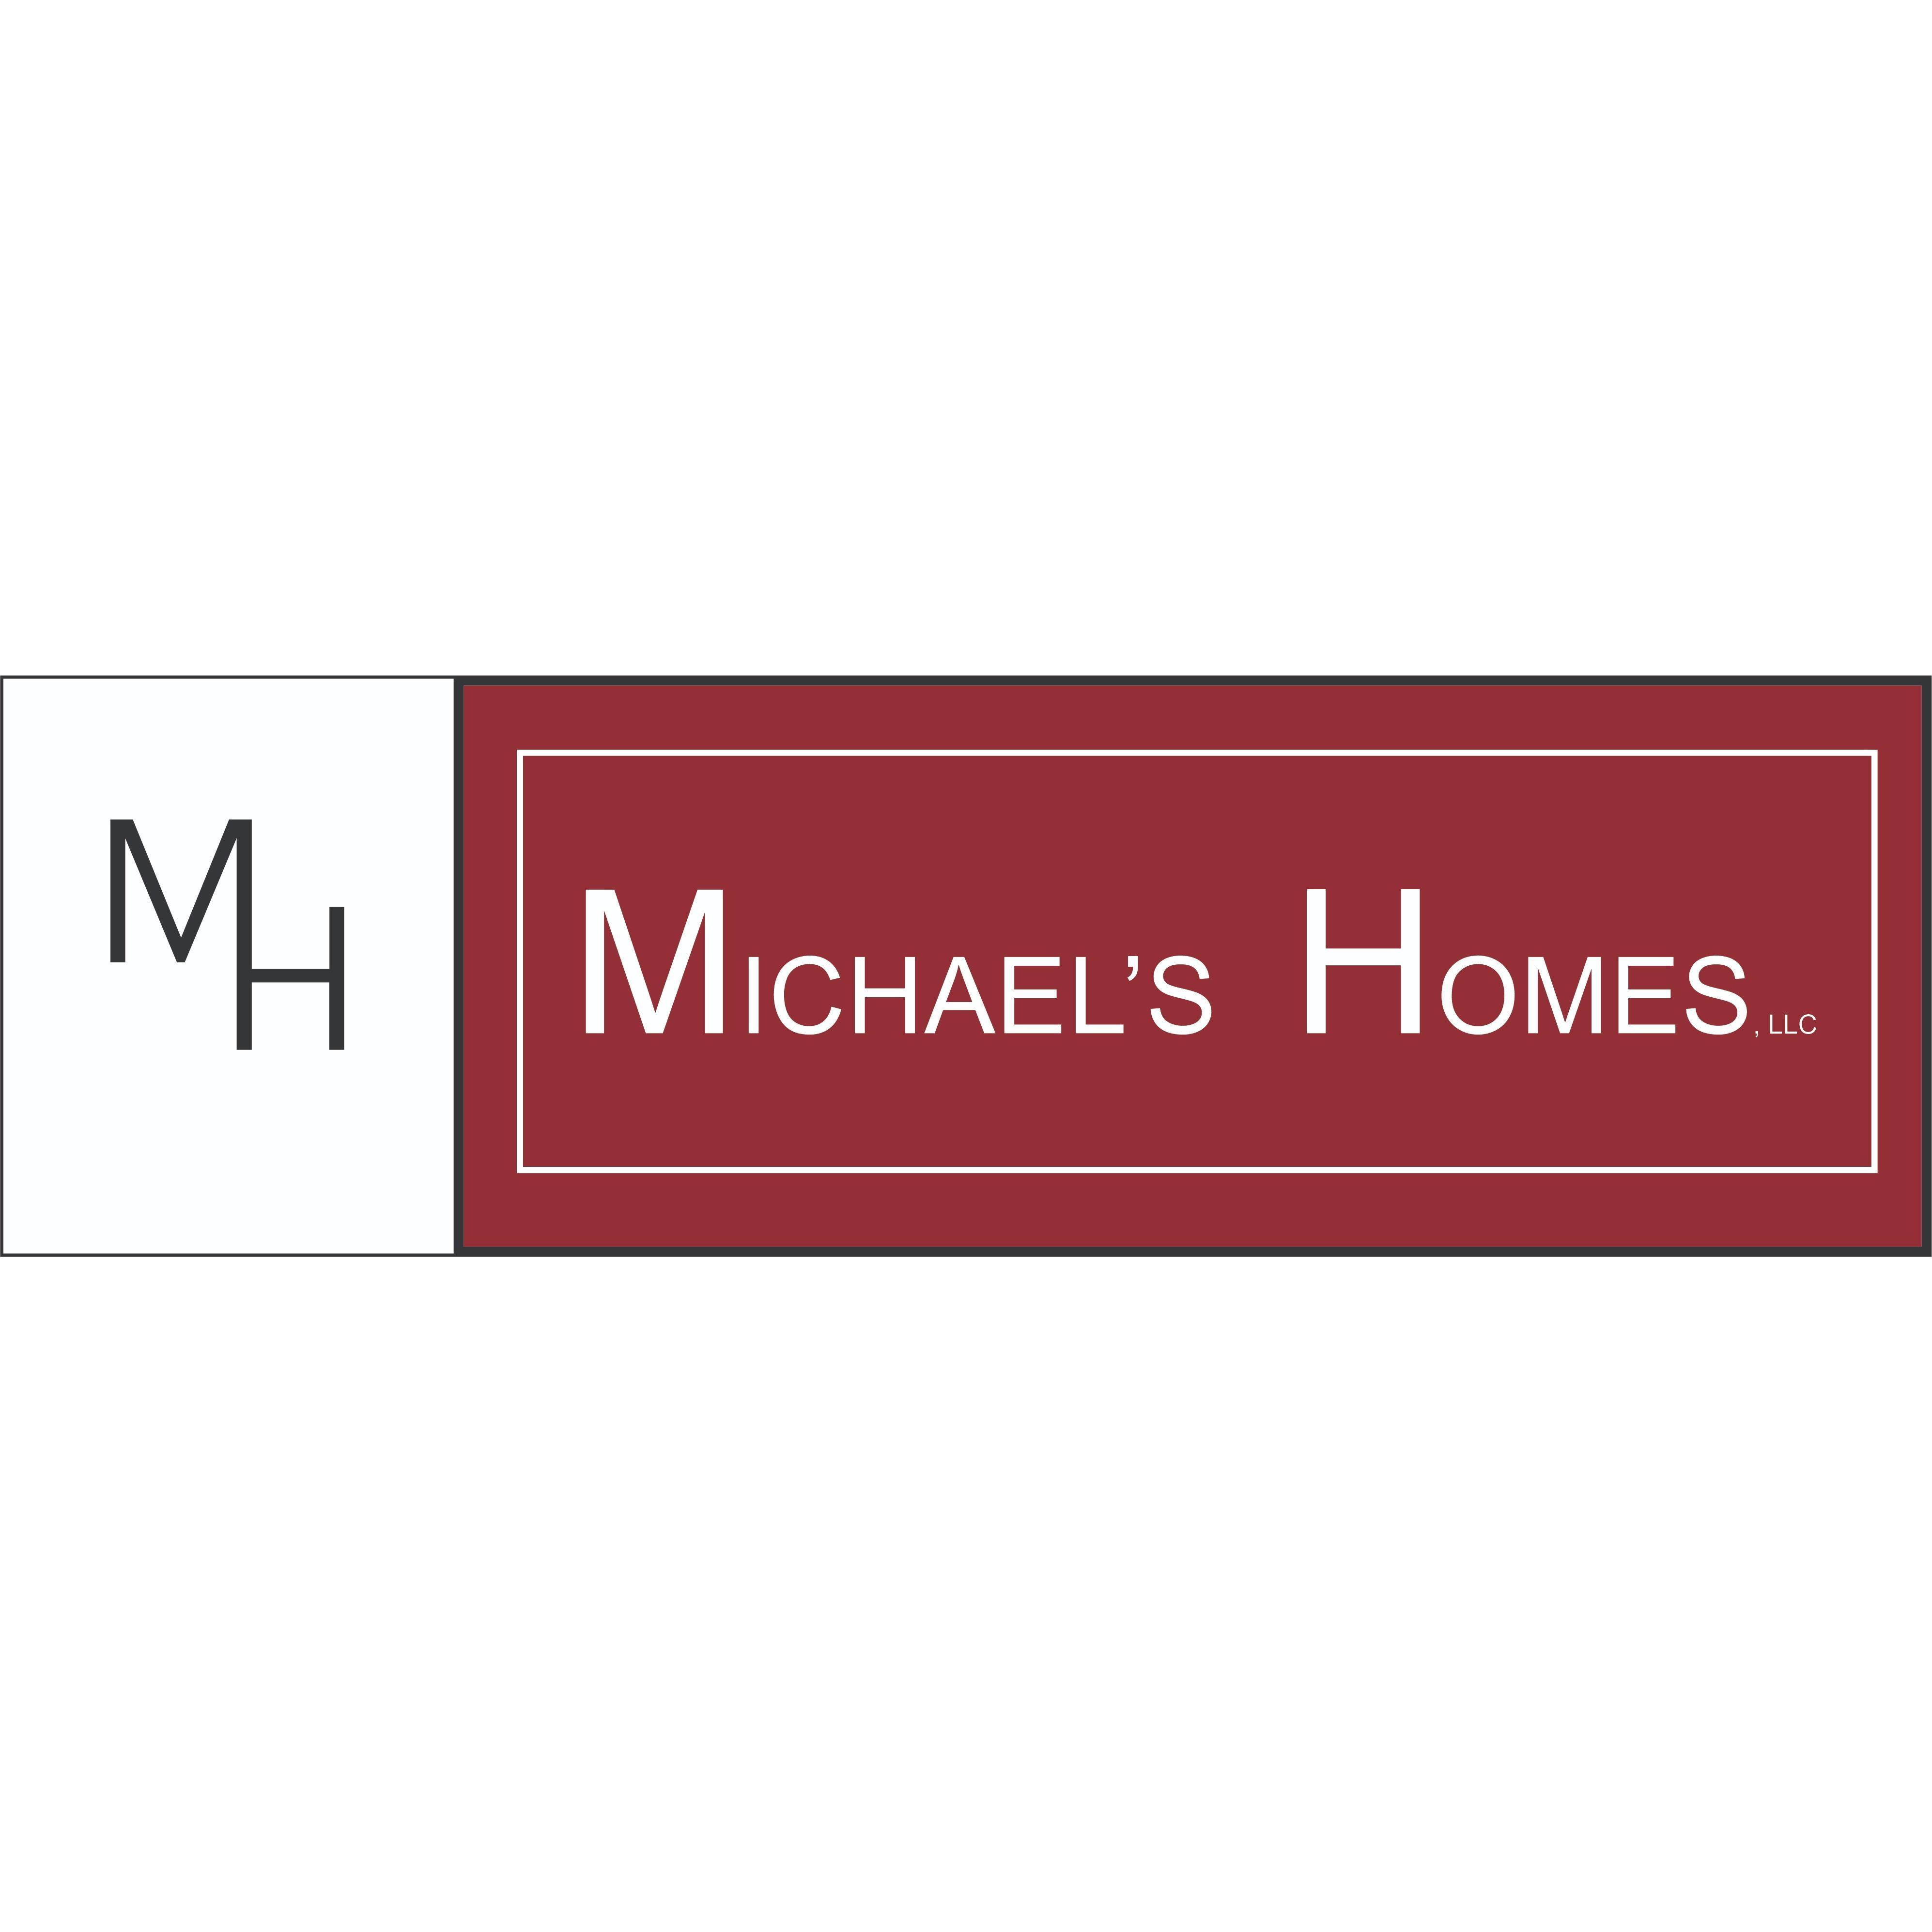 Michael's Homes, LLC